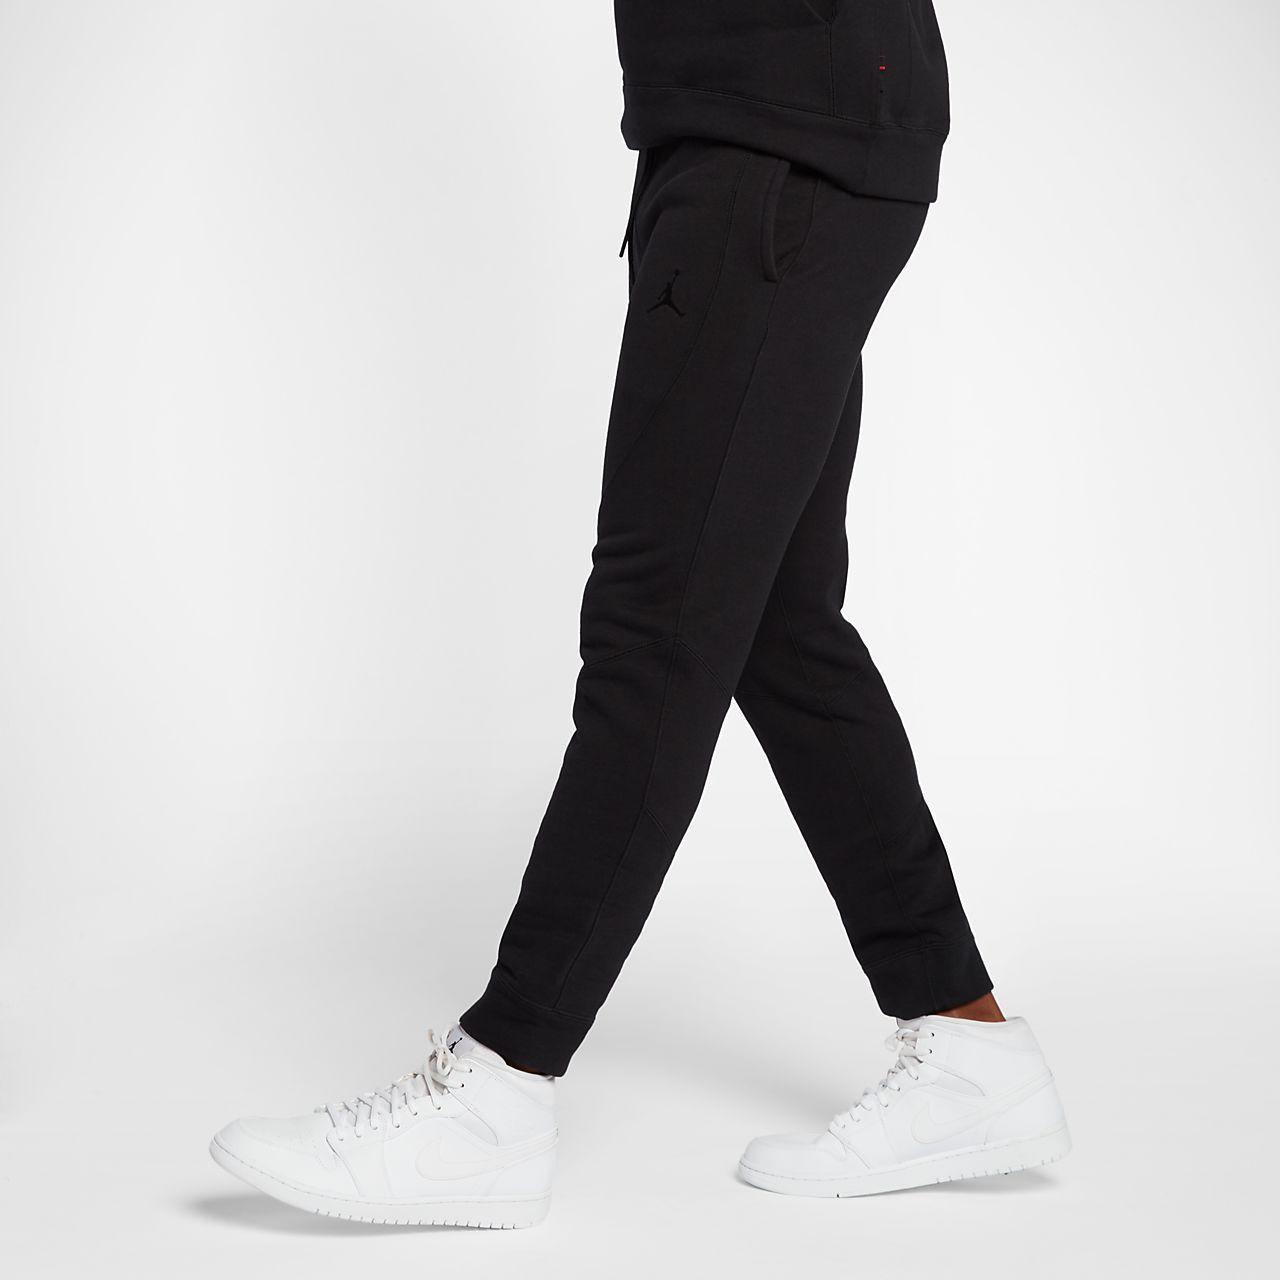 2a6ef6e62dc Very Goods | Jordan Sportswear Wings Men's Fleece Pants. Nike.com